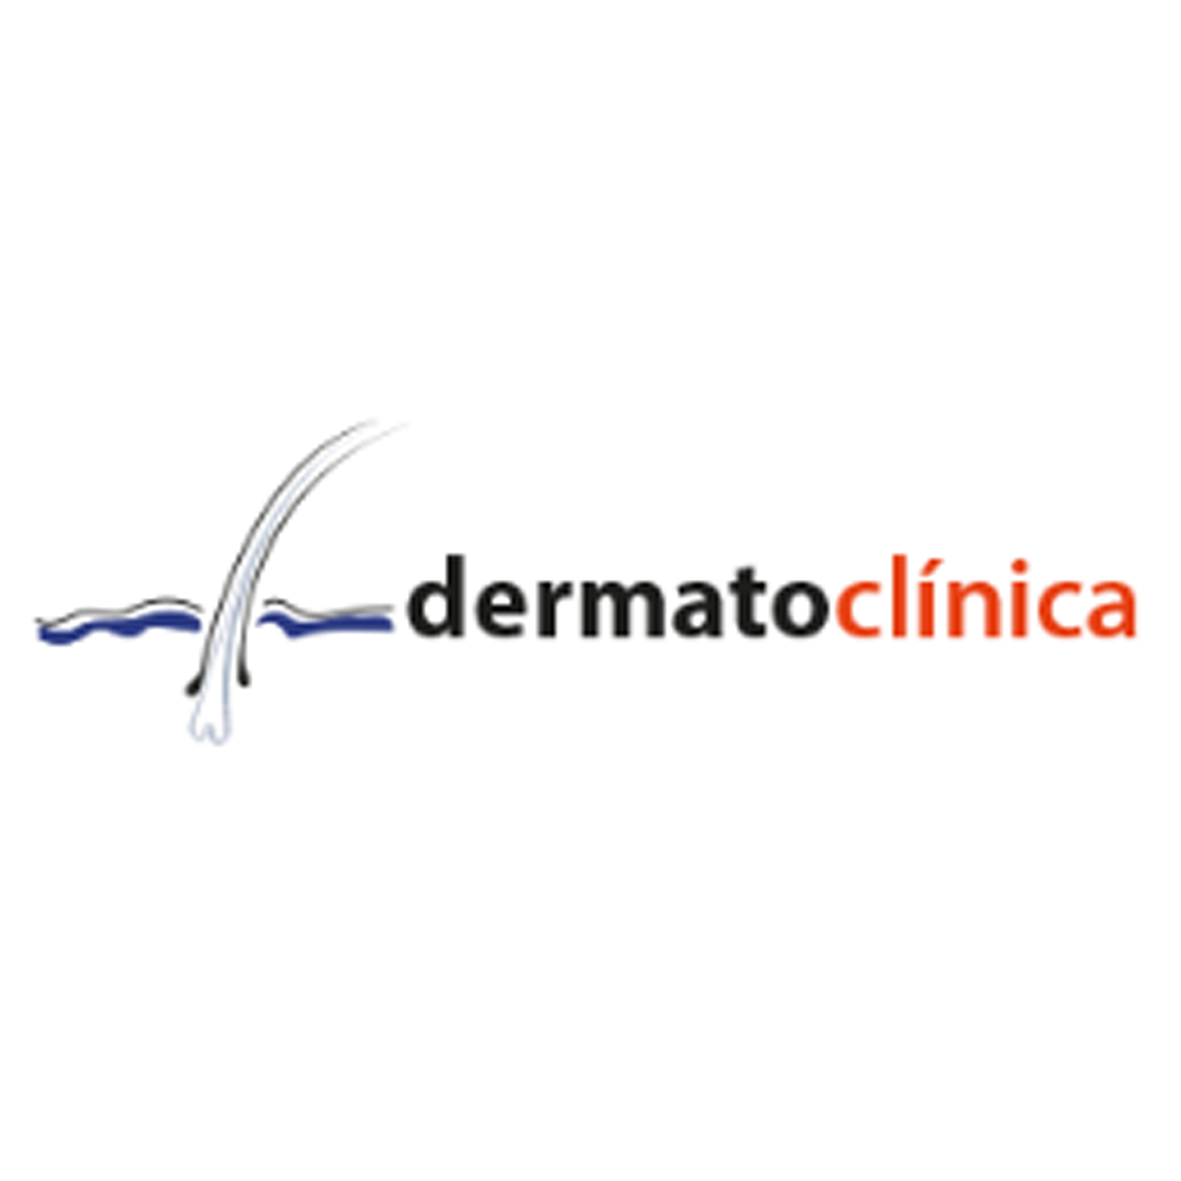 Dermatoclínica veterinária